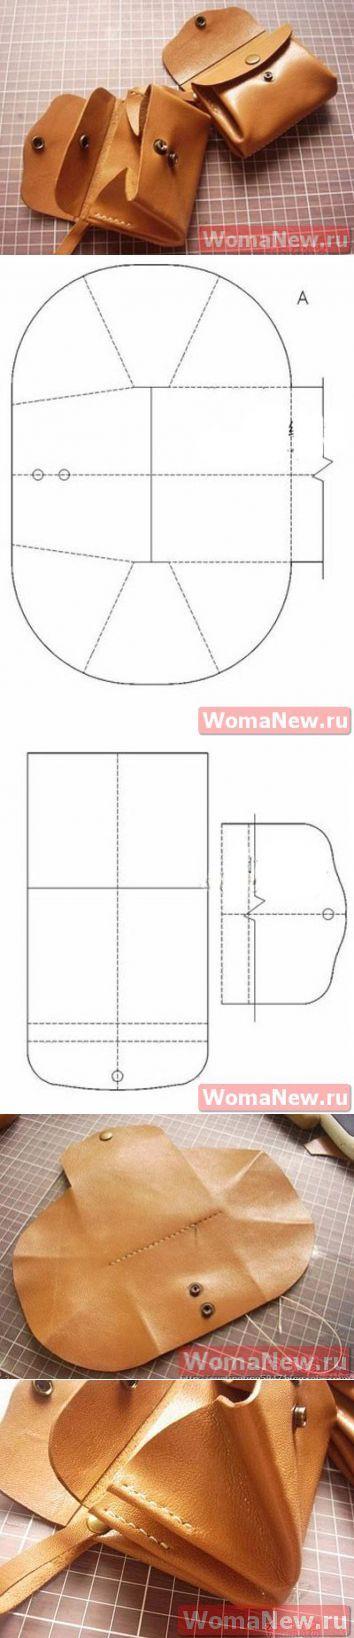 Выкройка кожаной сумки | WomaNew.ru - уроки кройки и шитья!